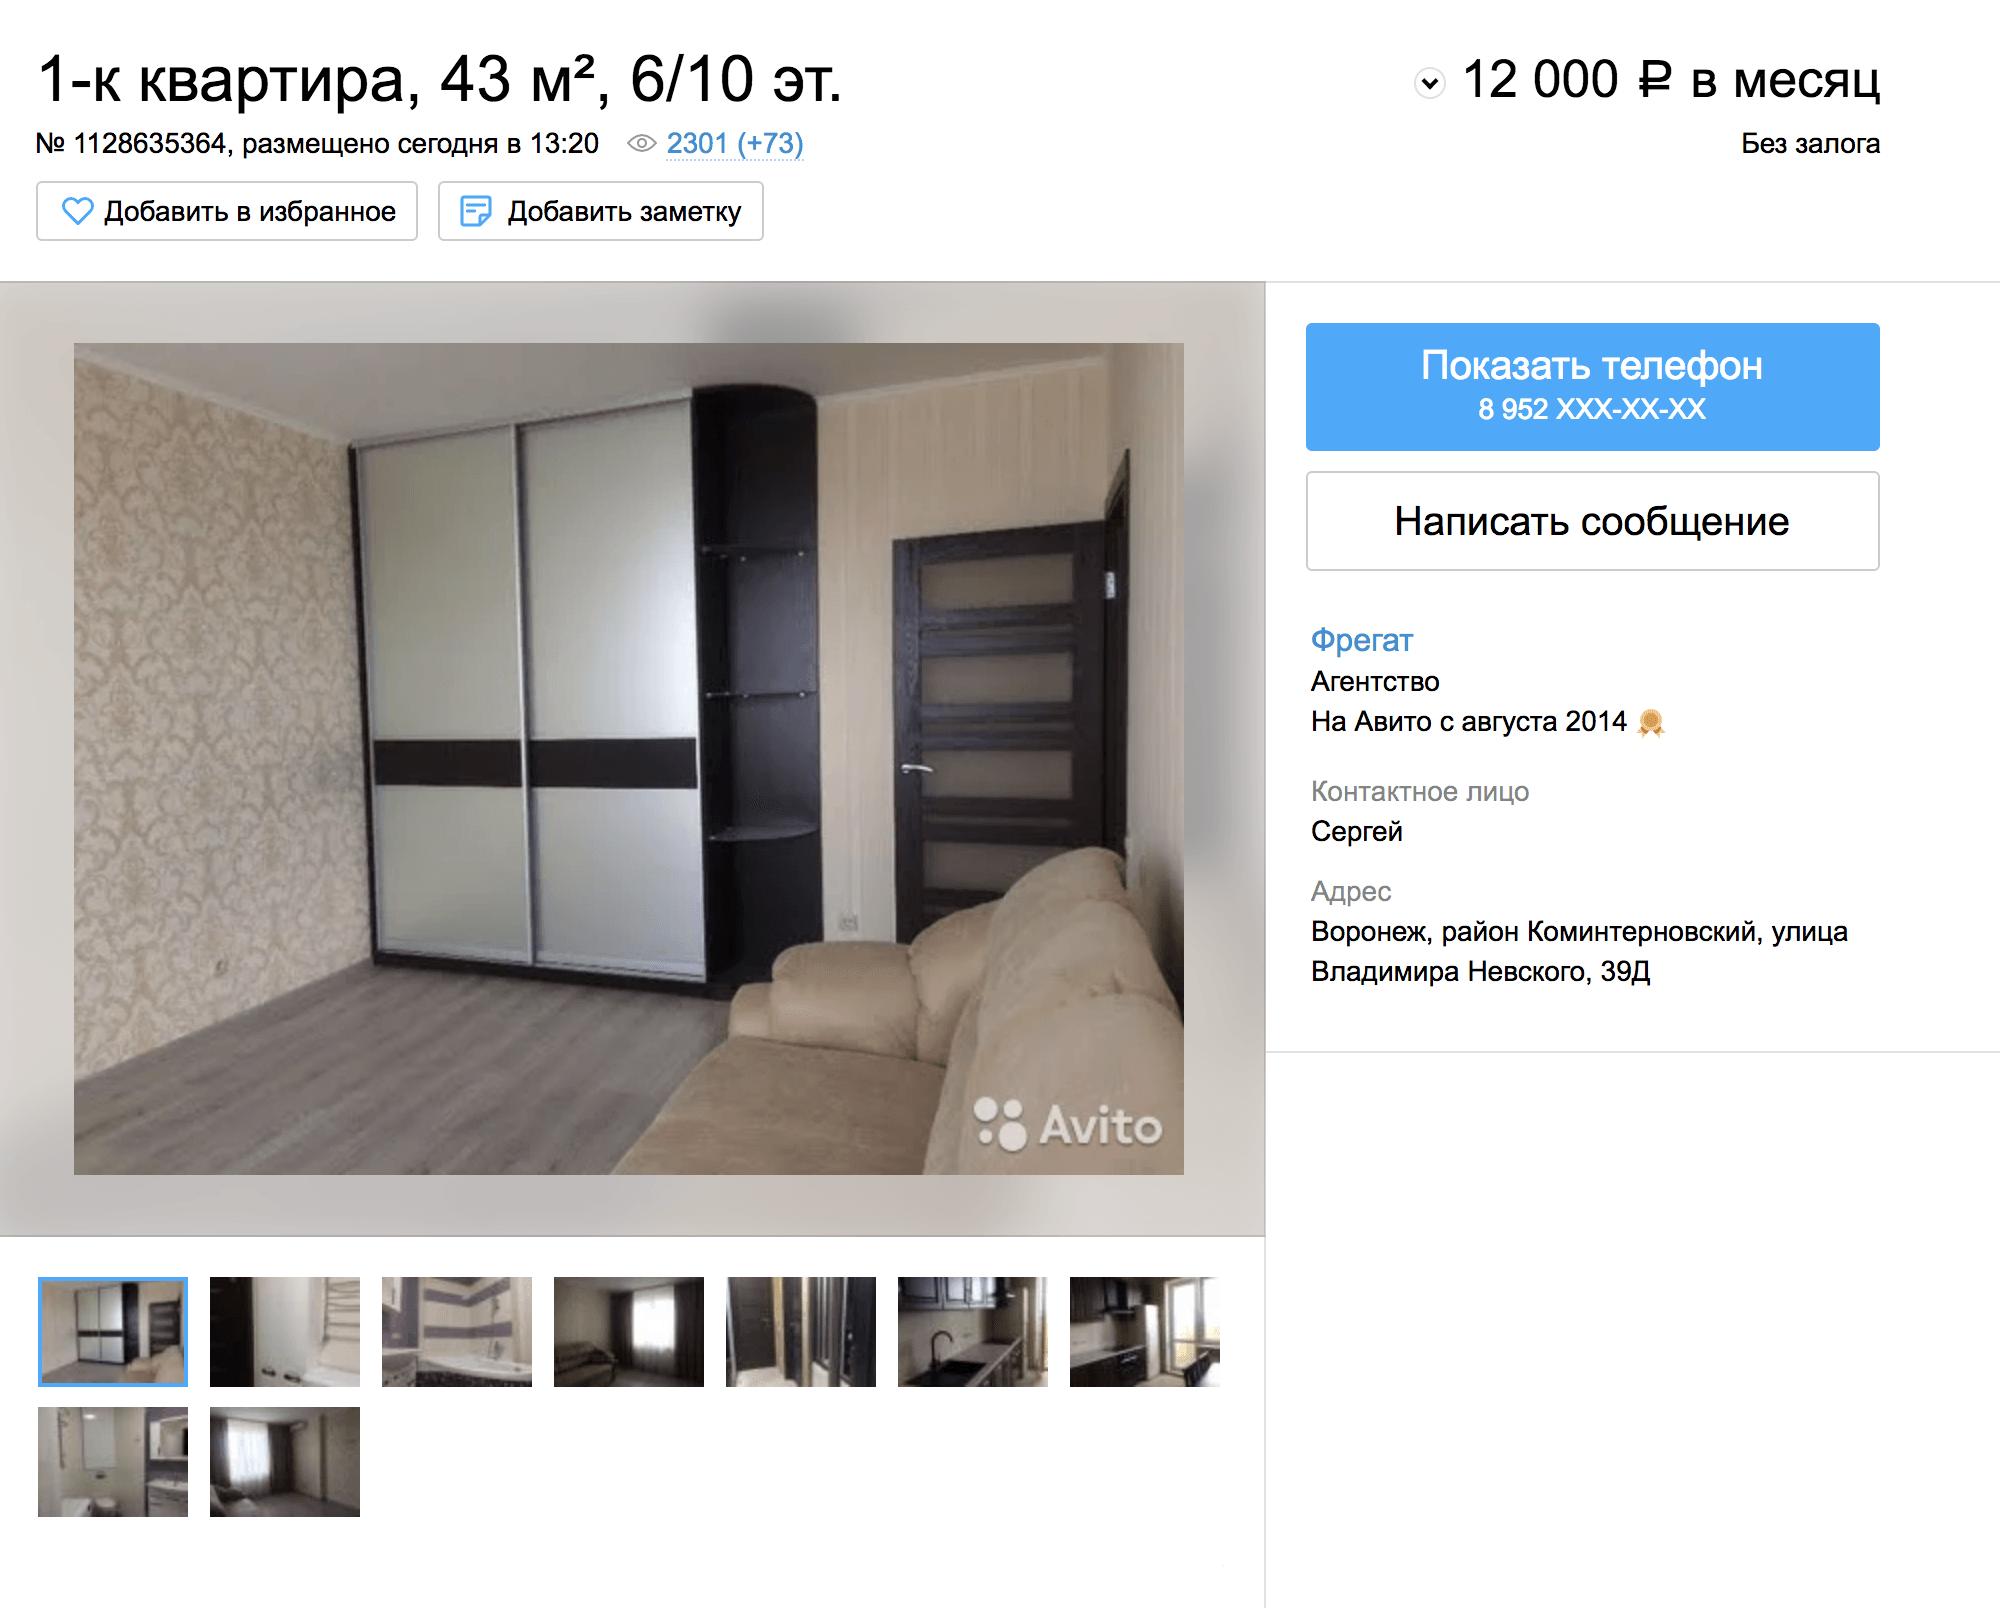 Квартиры все снимают через «Авито». Однушка с более-менее приличным ремонтом стоит до 15 000 р. в месяц